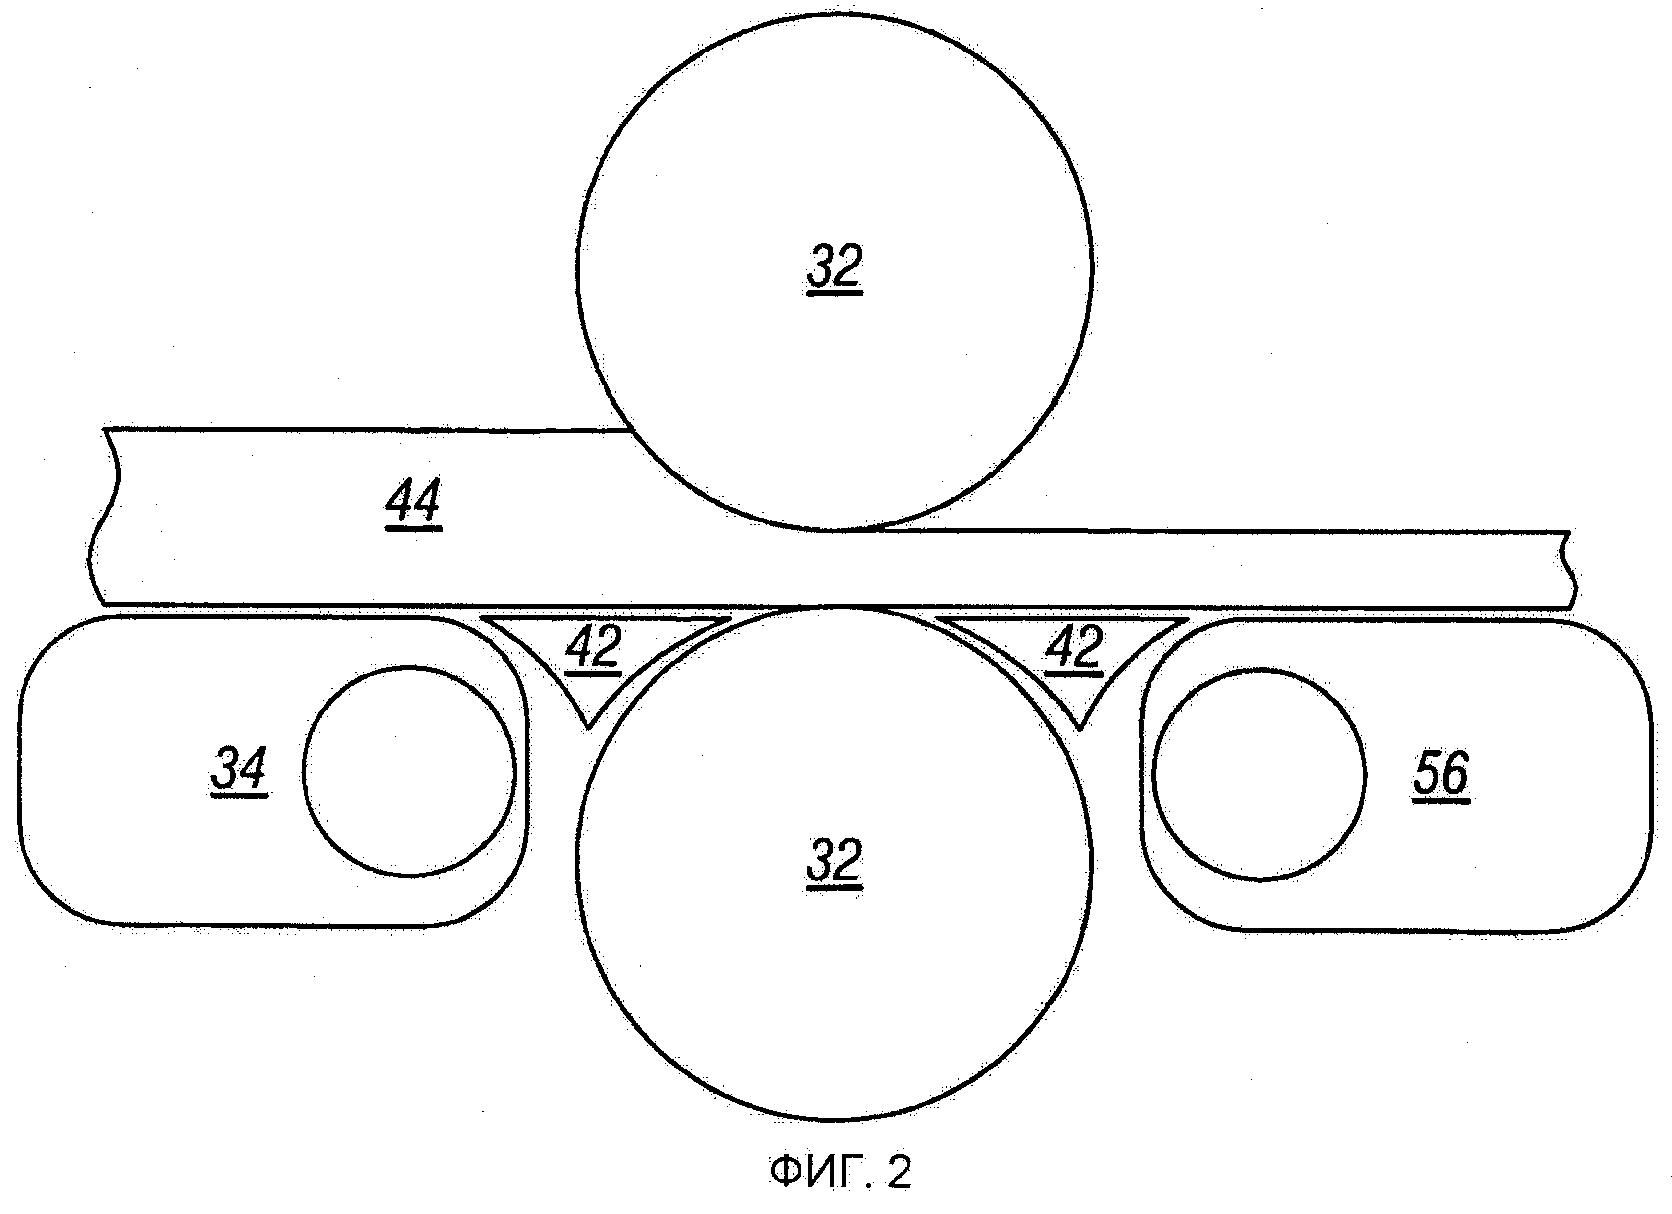 Способ, устройство и система для получения листа и изделия из жевательной резинки